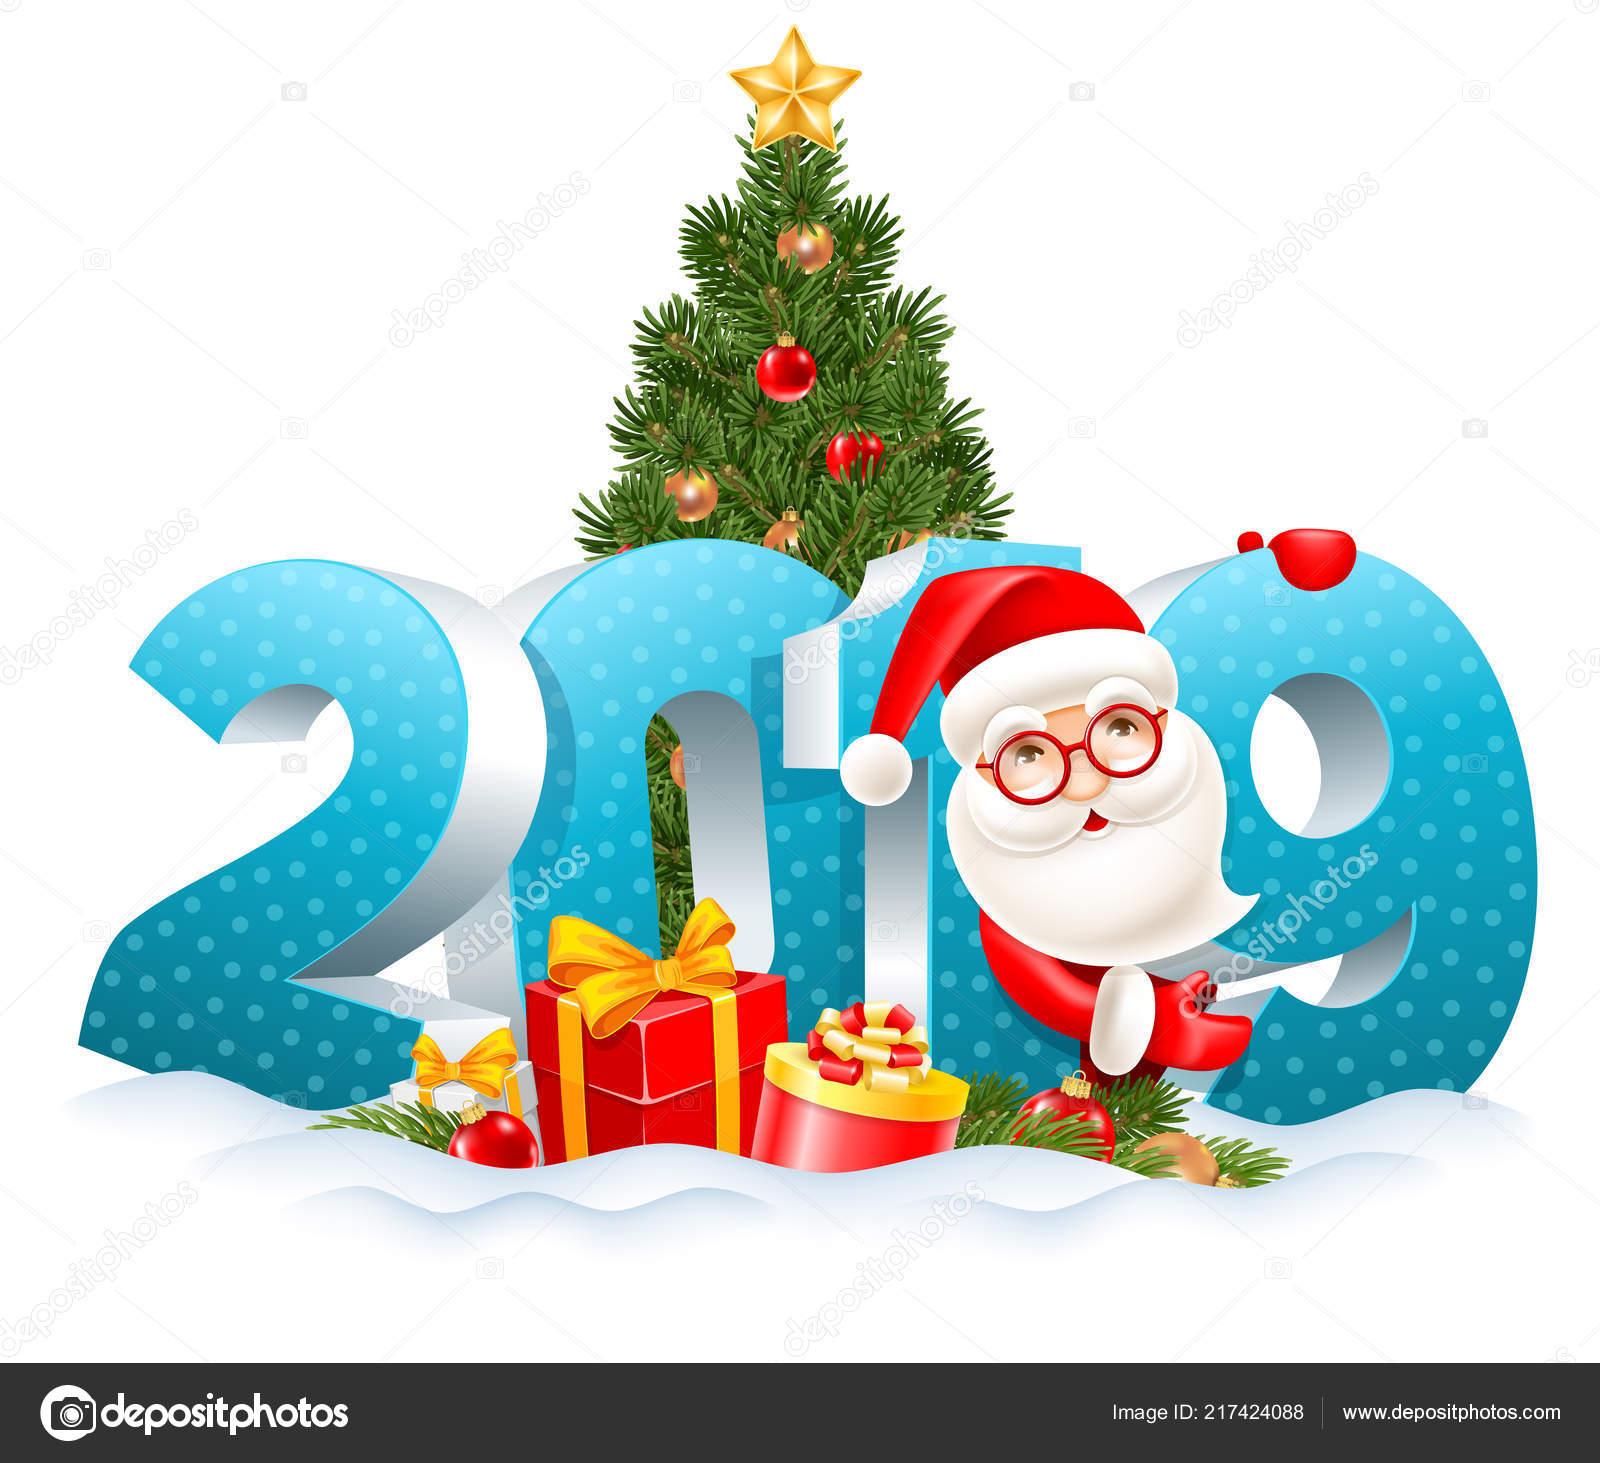 Weihnachten 2019 Schnee.Volumetrische Ziffern 2019 Schnee Dekoriert Weihnachtsbaum Geschenke